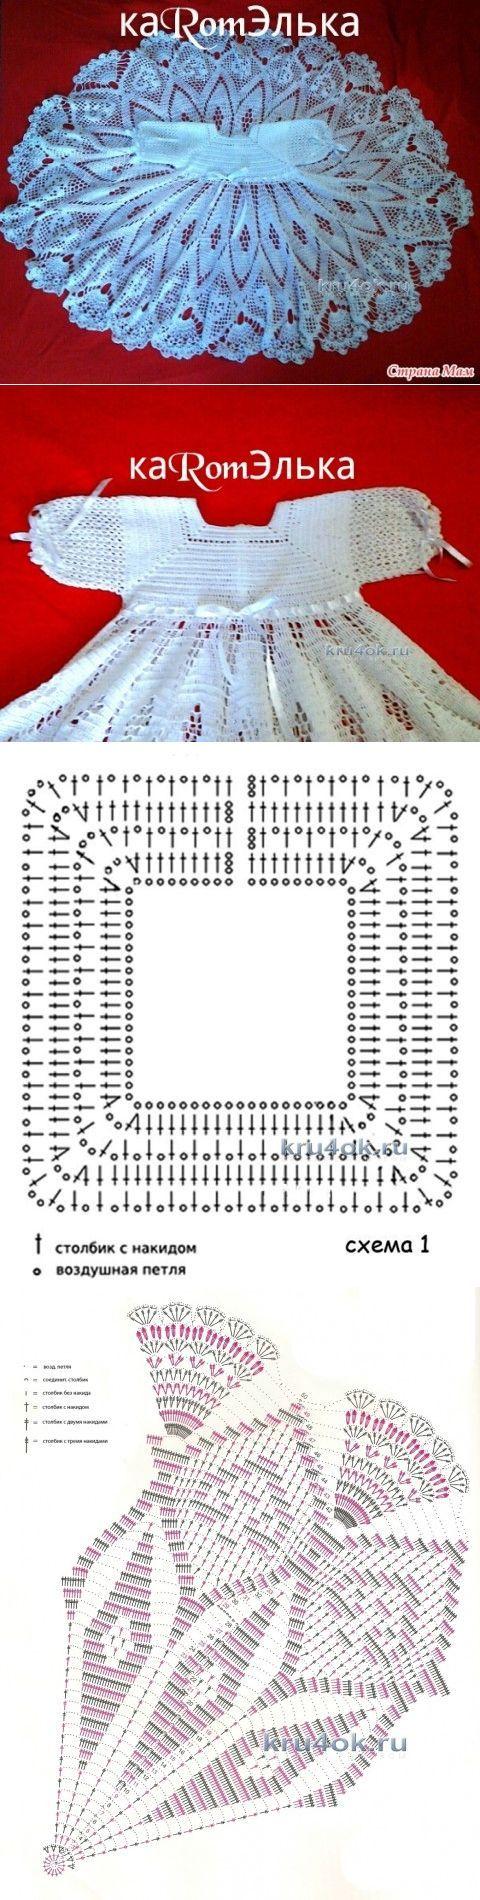 Детское платье крючком — работа кaRomЭлькa - вязание крючком на kru4ok.ru